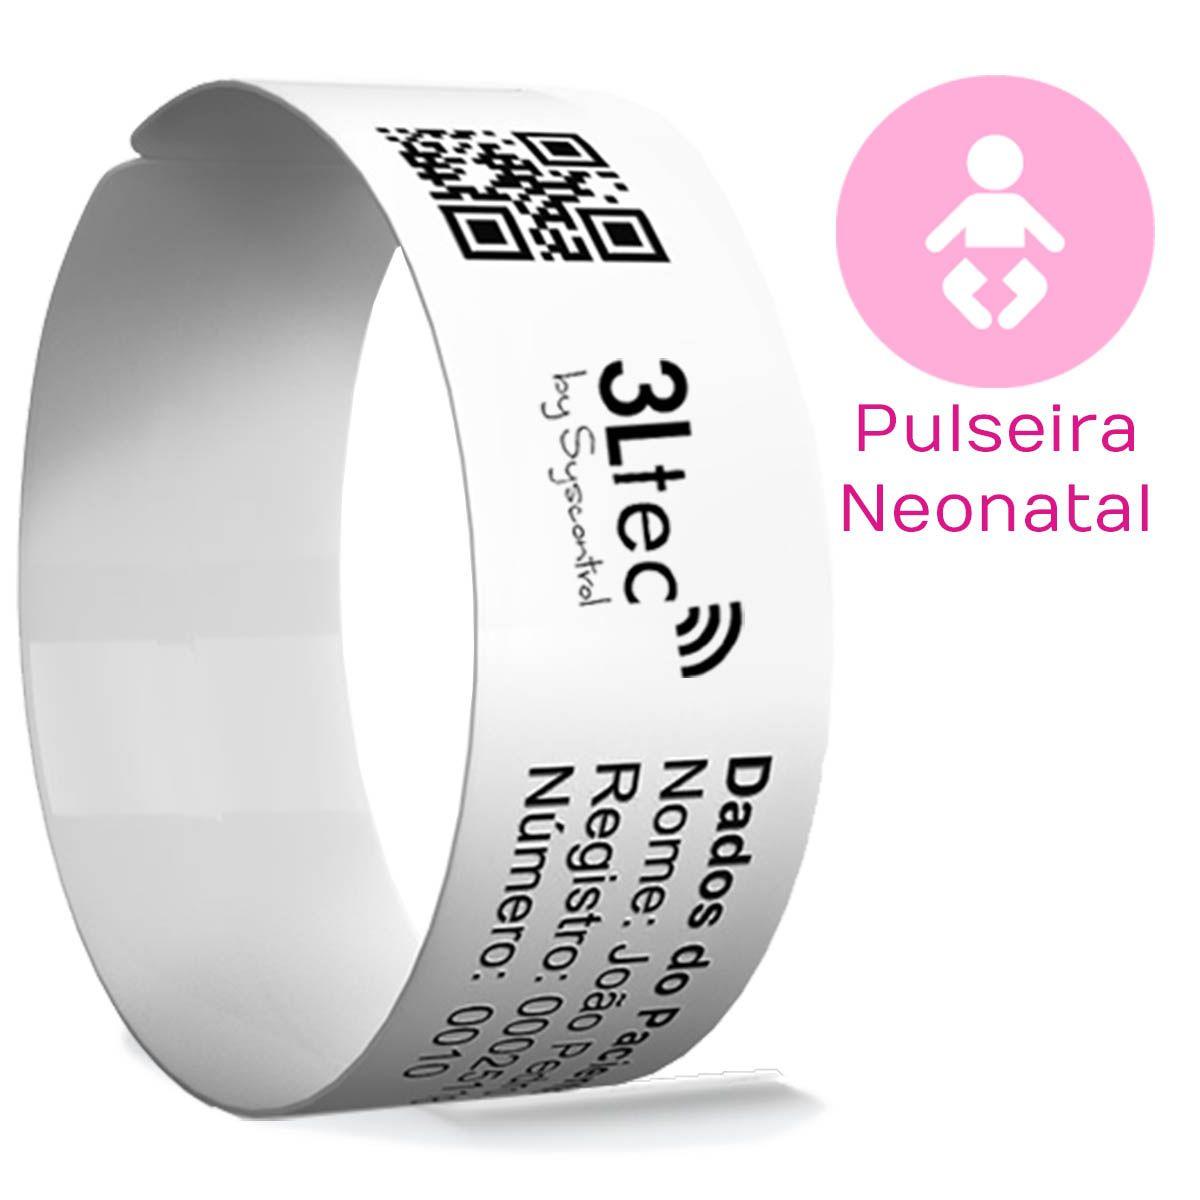 Rolo de Pulseiras de Identificação Hospitalar - NEONATAL - 250 unidades